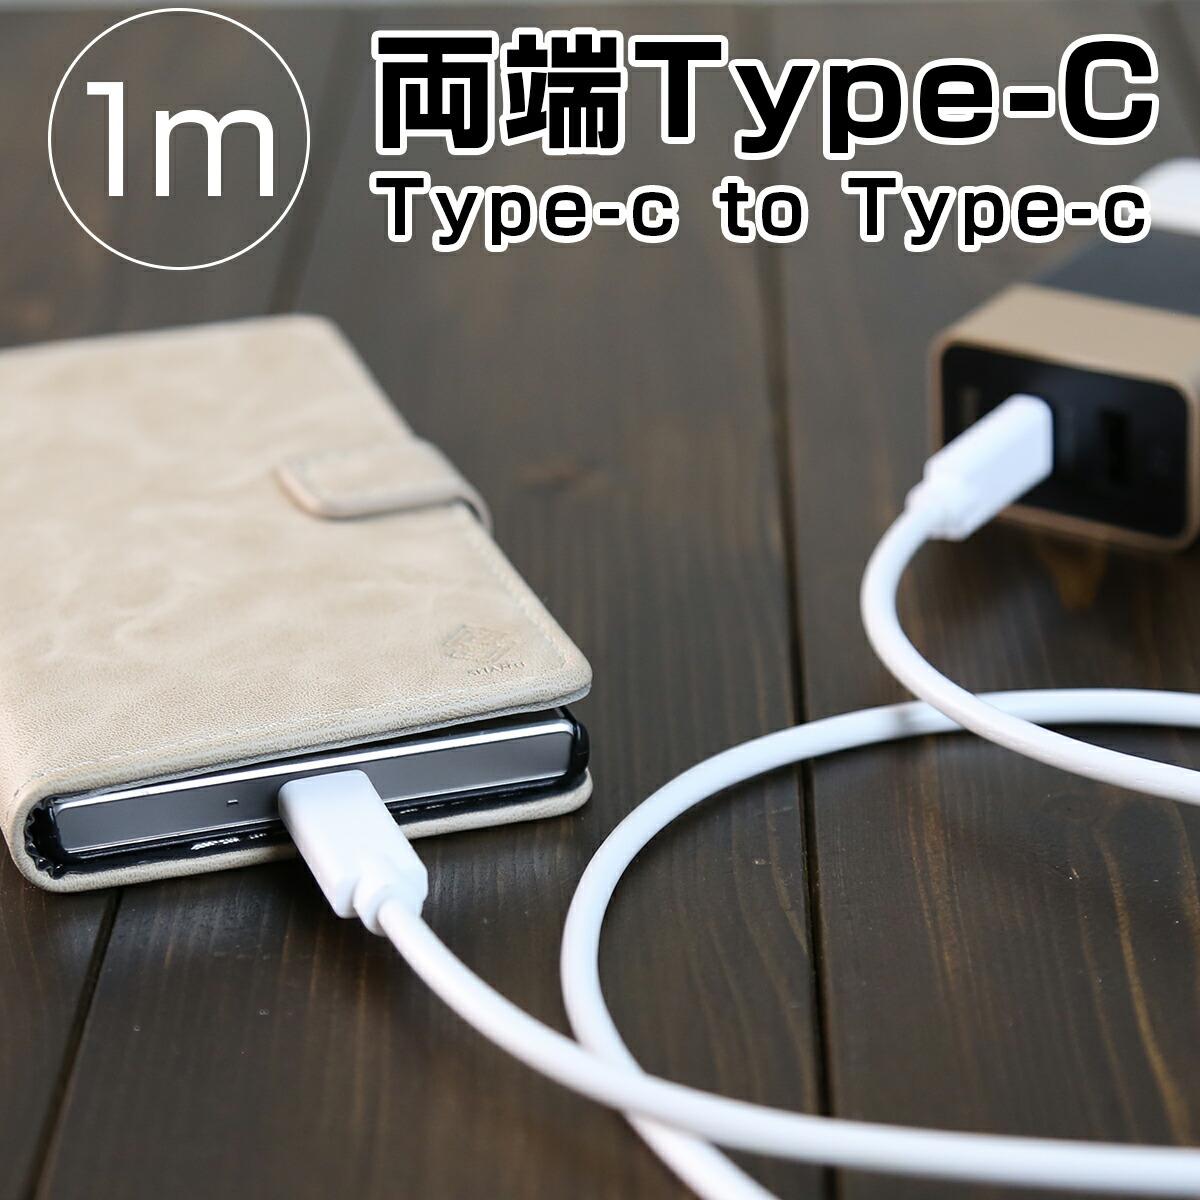 メール便送料無料 引出物 USB type-c 両端Type-Cケーブル 送料無料 タイプC 充電ケーブル エクスペリア Xperia ゼンフォン nova2 ZenFone XZ1コンパクト HUAWEI ニンテンドースイッチ ZenFone4Pro 注目ブランド ノバ2 ファーウェイ XZ1 ZenFone4